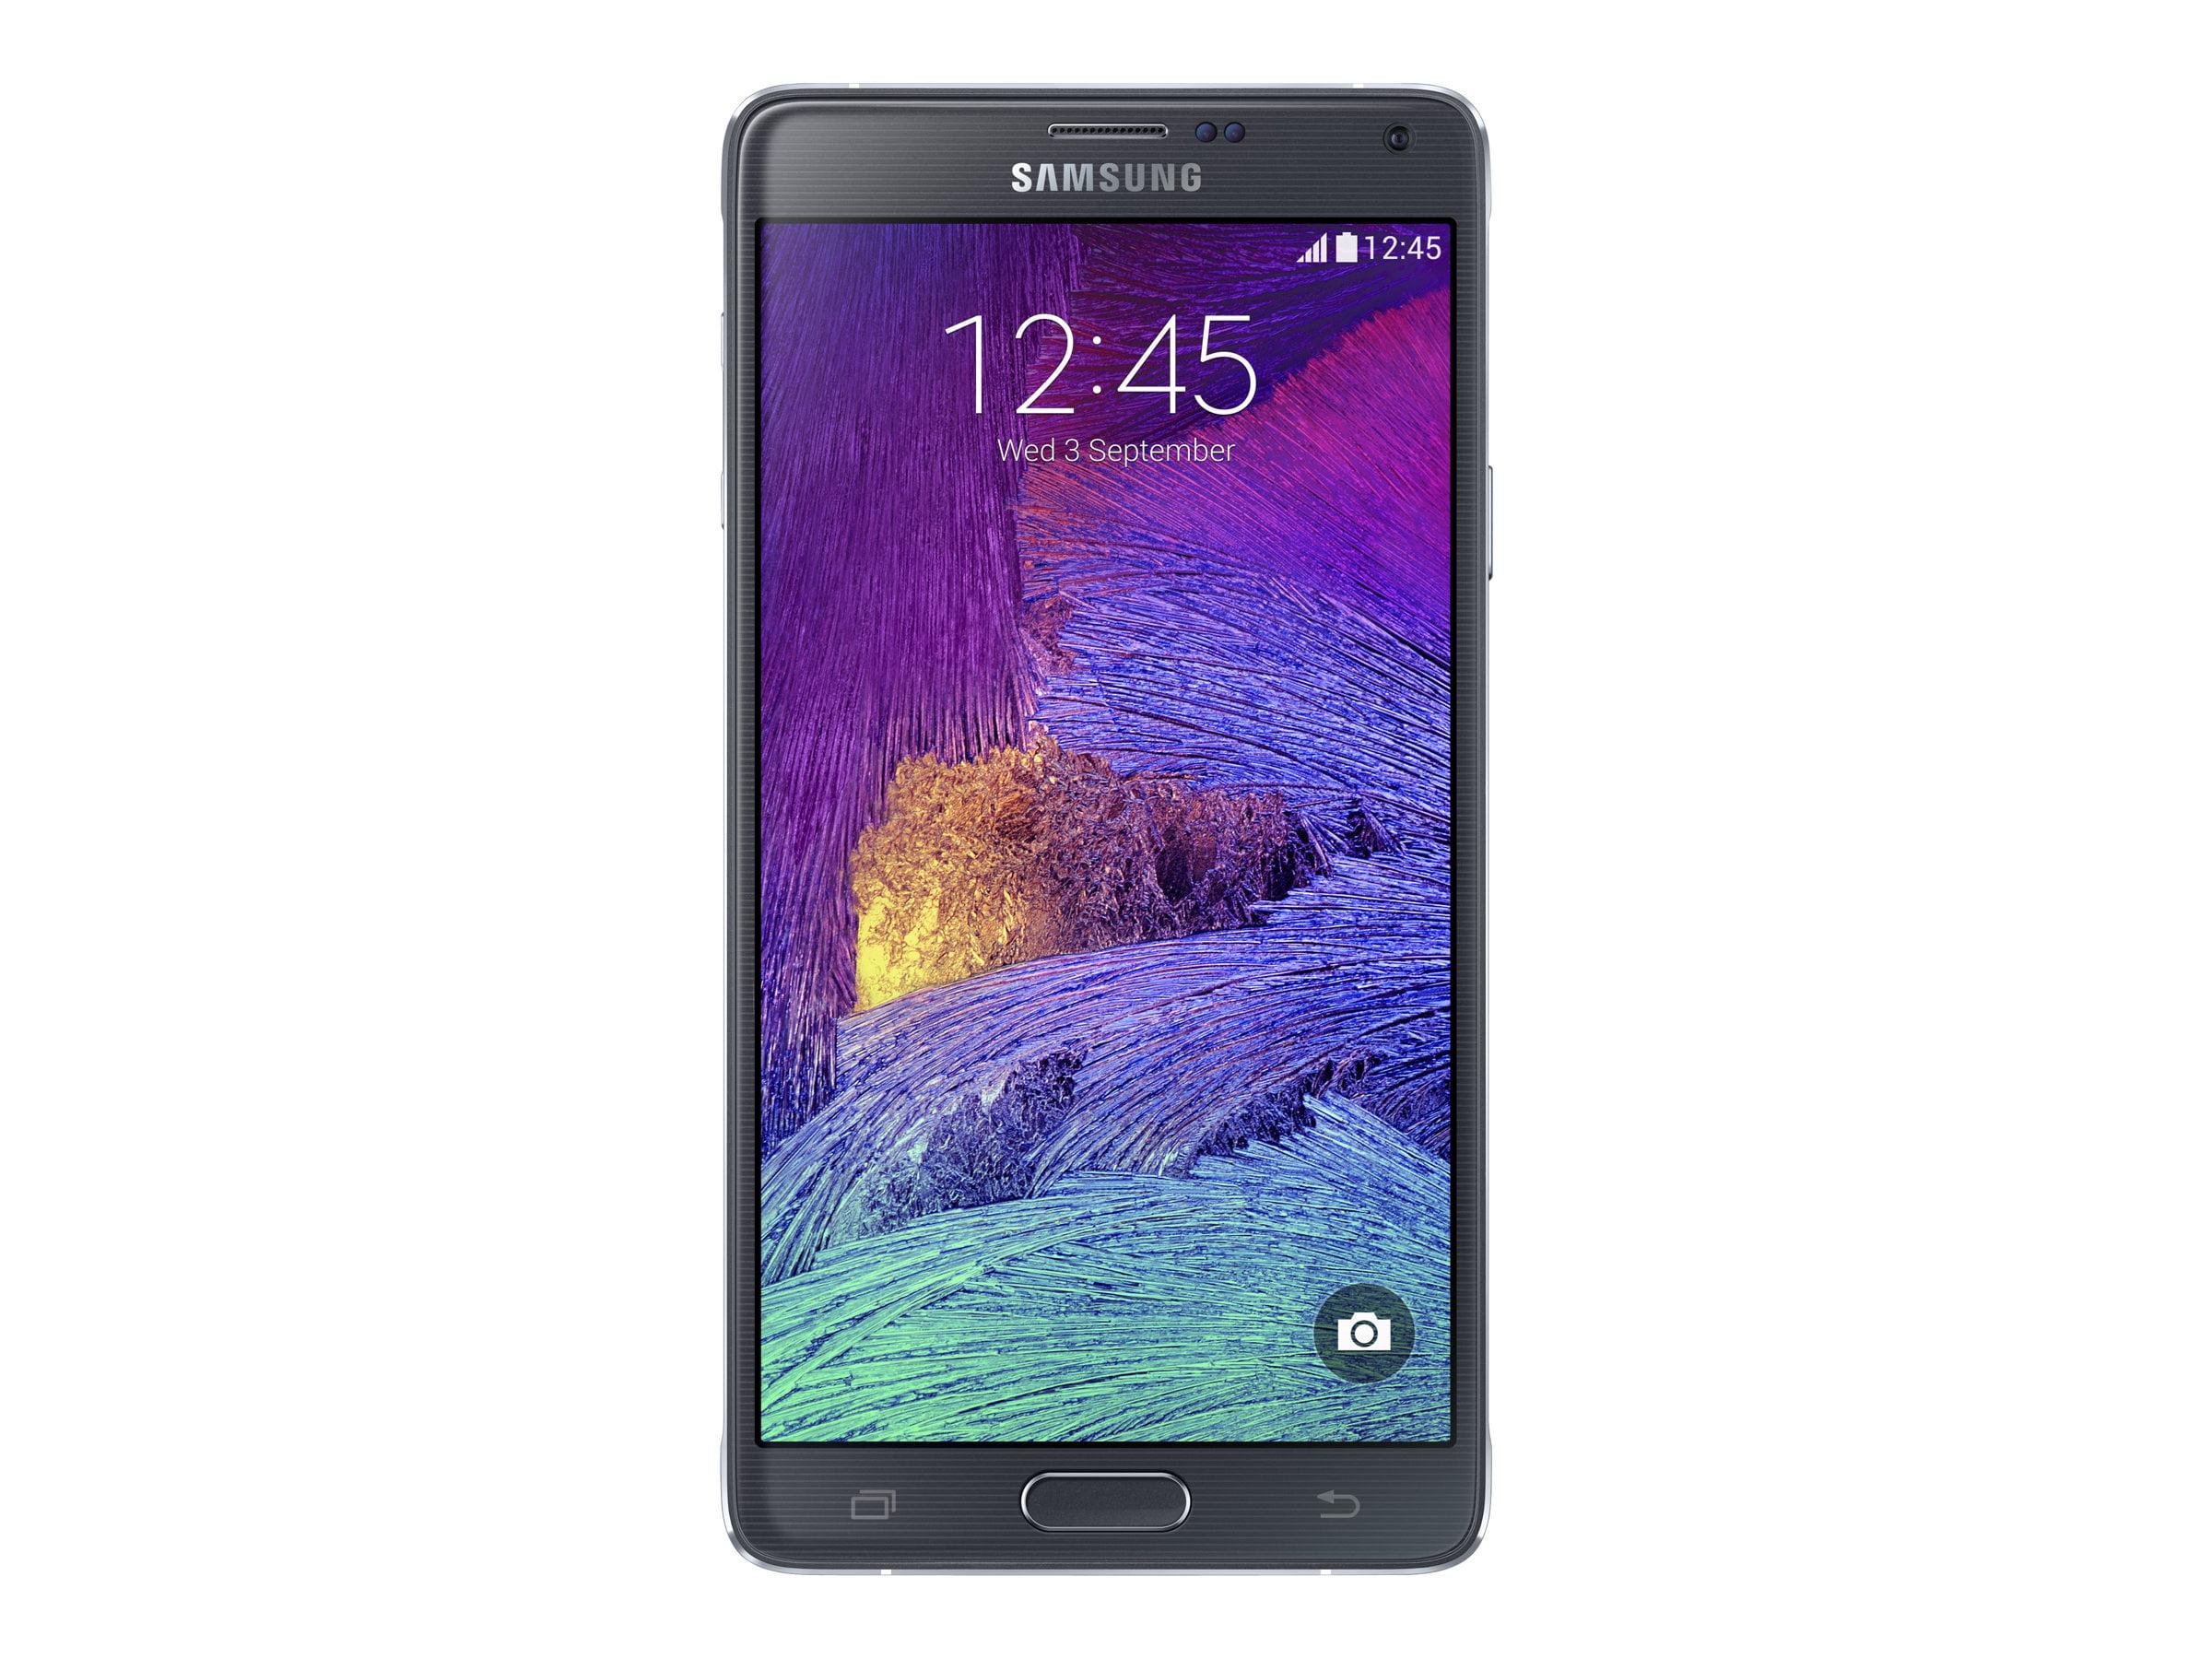 Refurbished Samsung Galaxy Note 4 N910A 32GB Smartphone